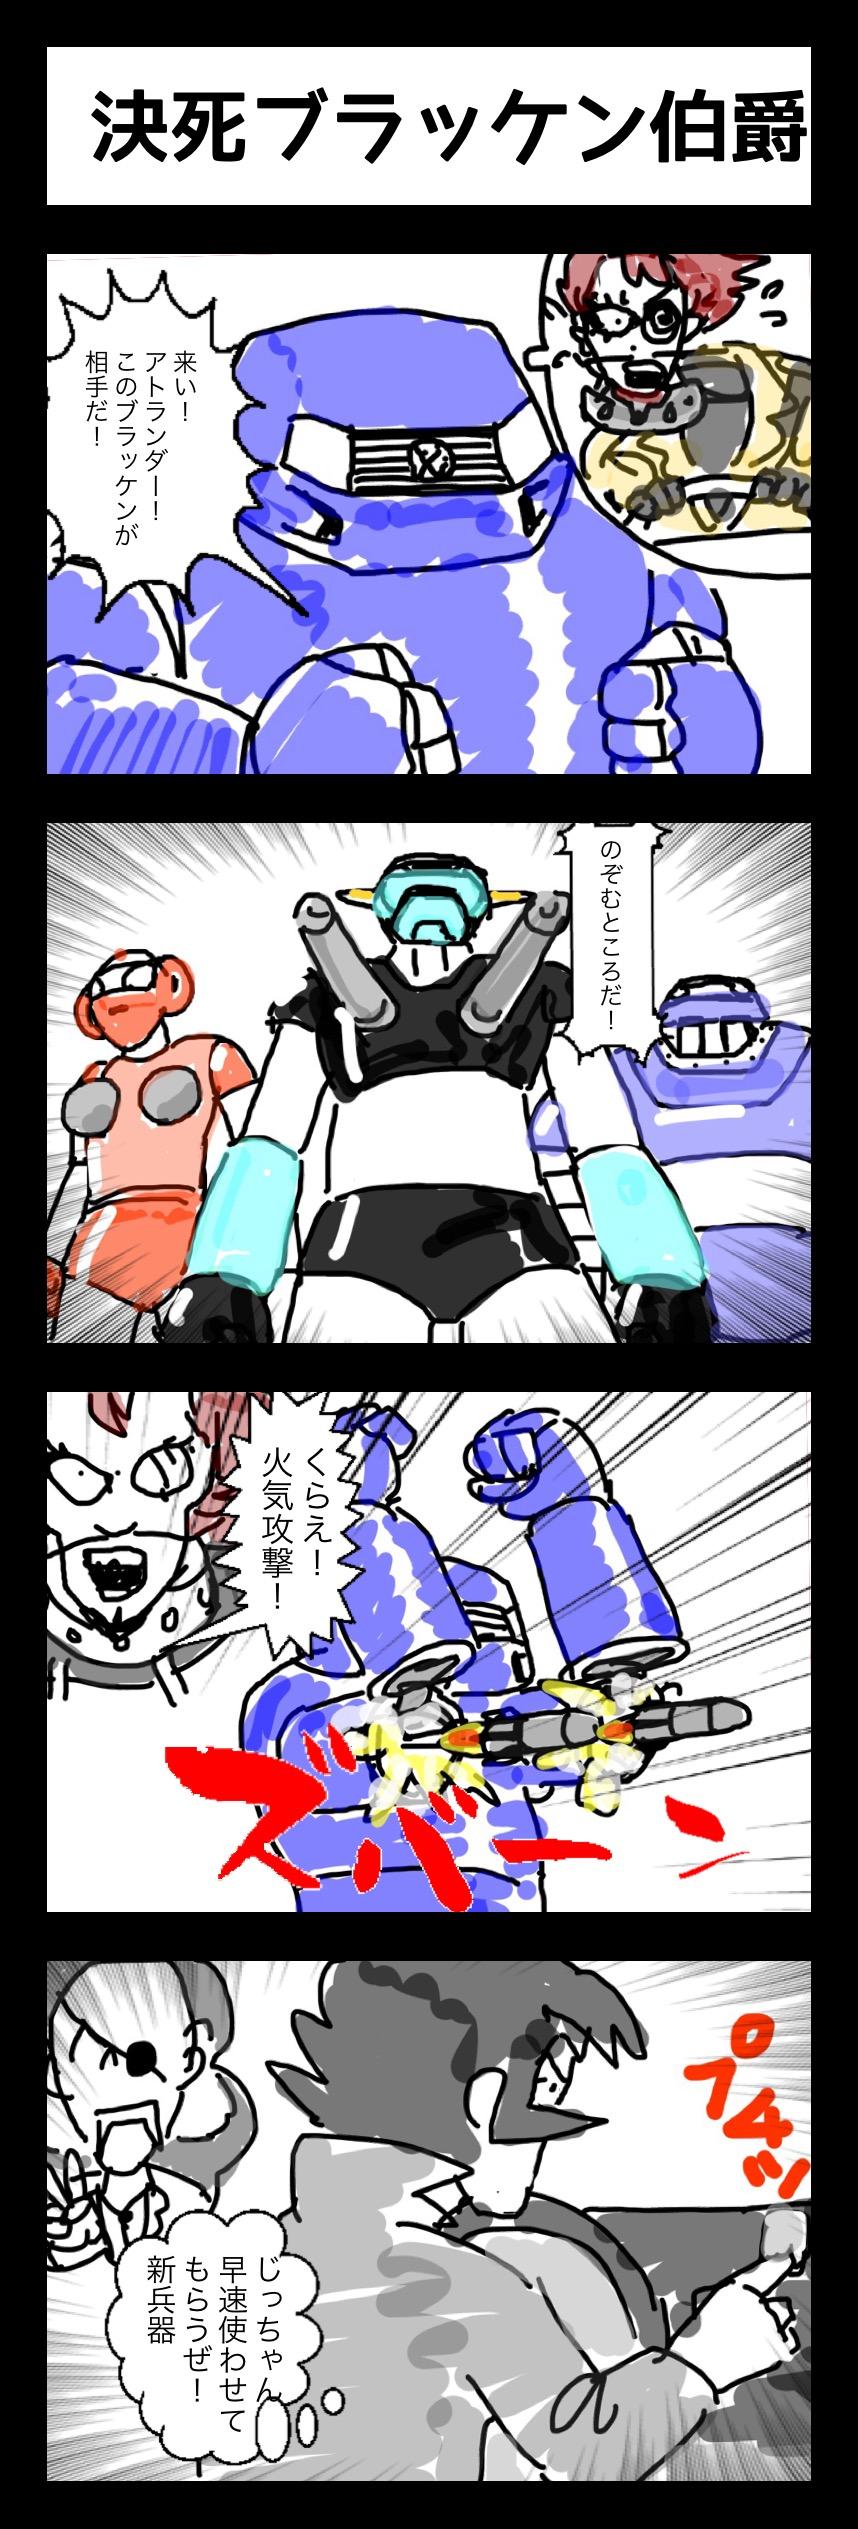 連載4コマ漫画「アトランダーV」 第39話